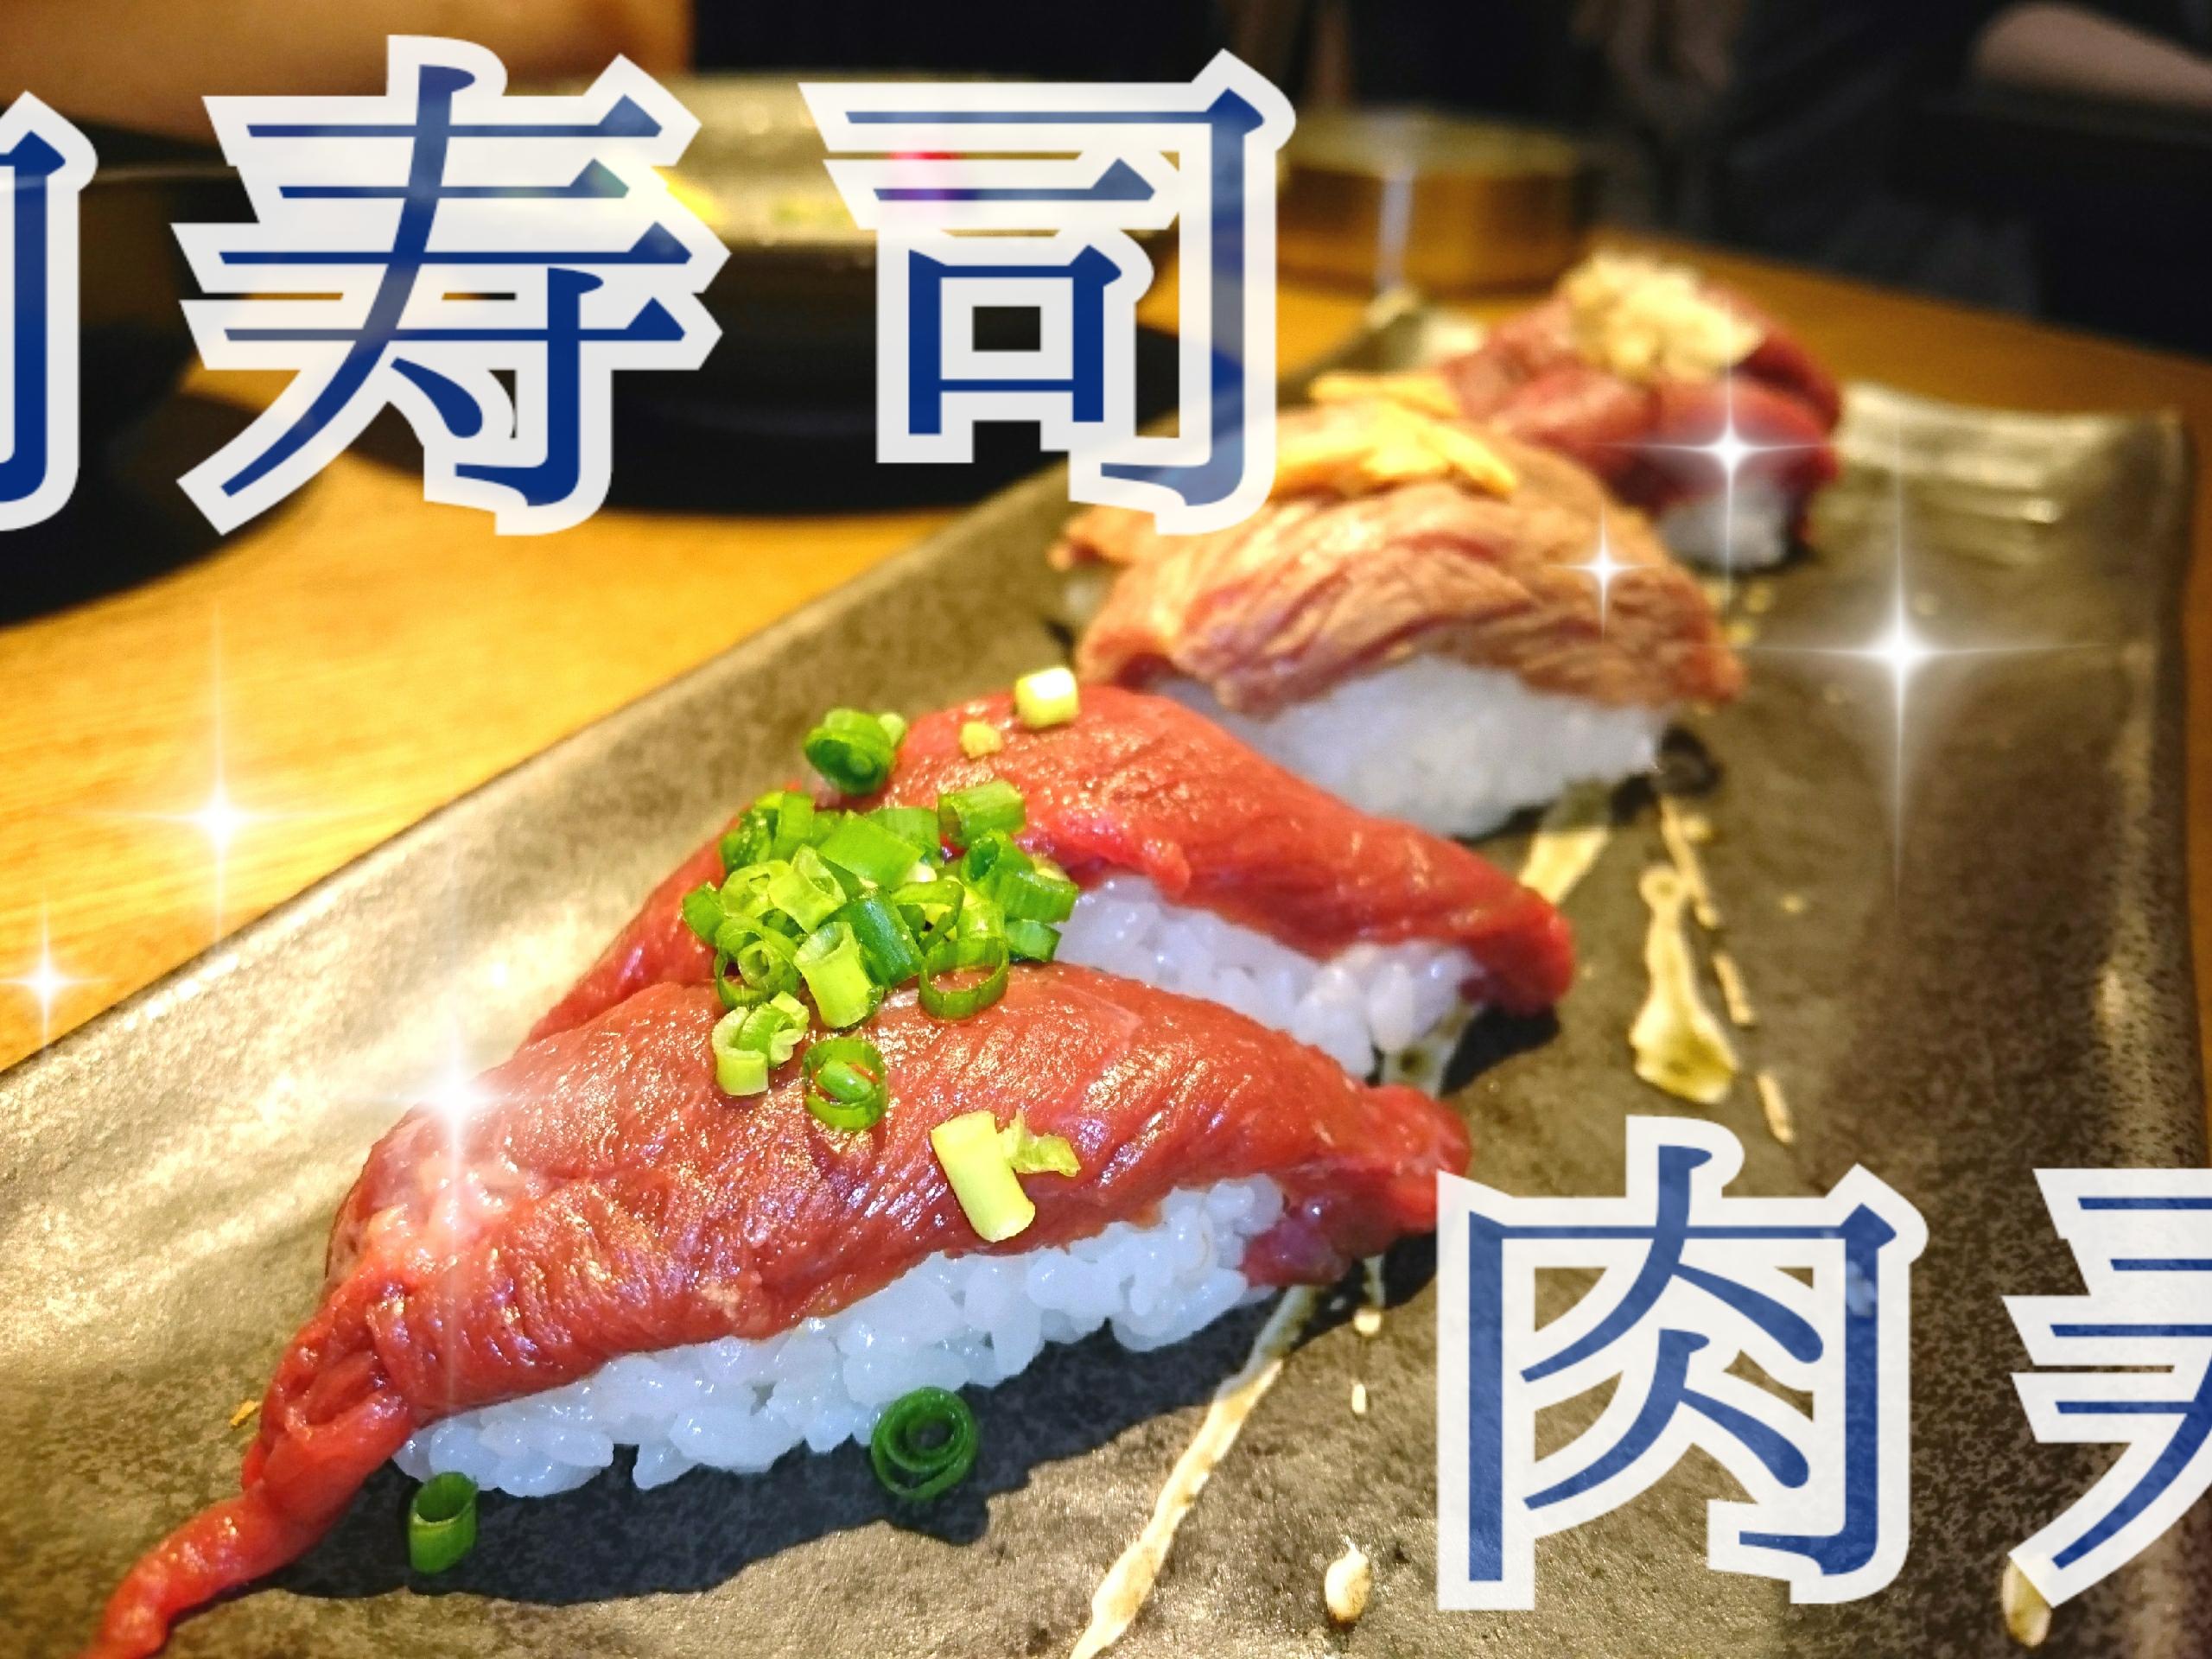 新感覚!【肉寿司バル】はお酒の安さも魅力♡